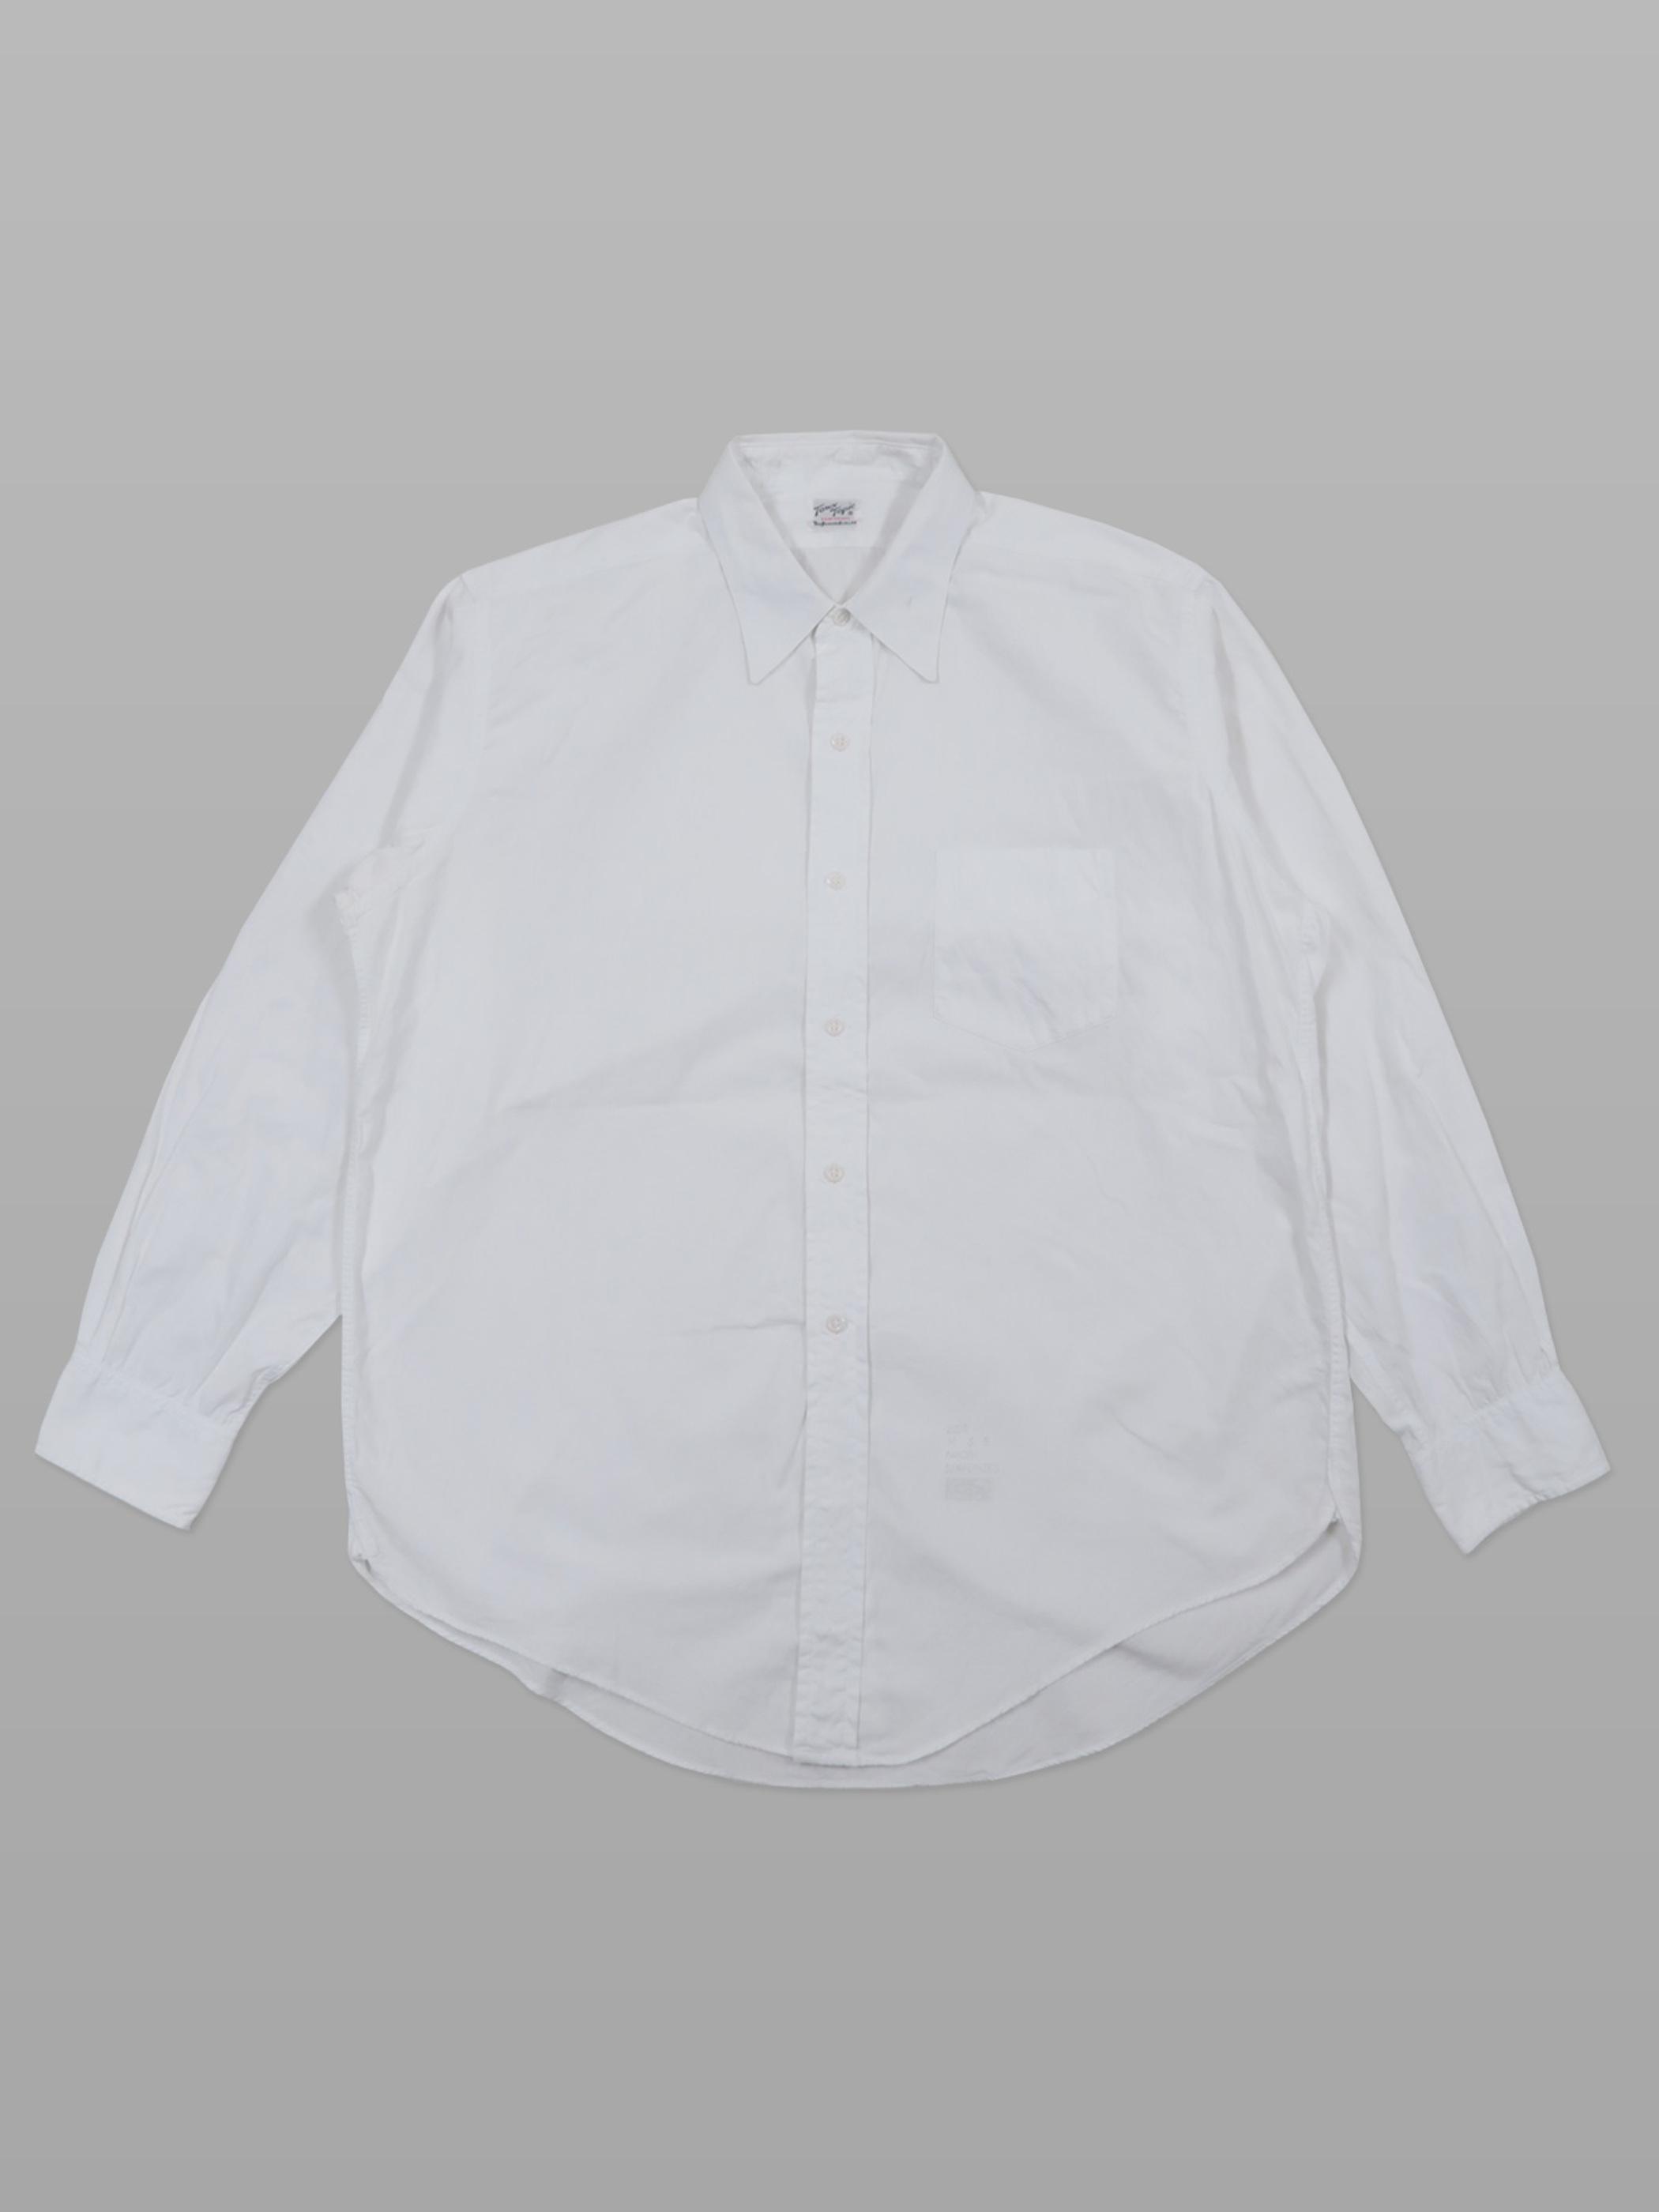 60年代 TOWNTOPIC シャツ